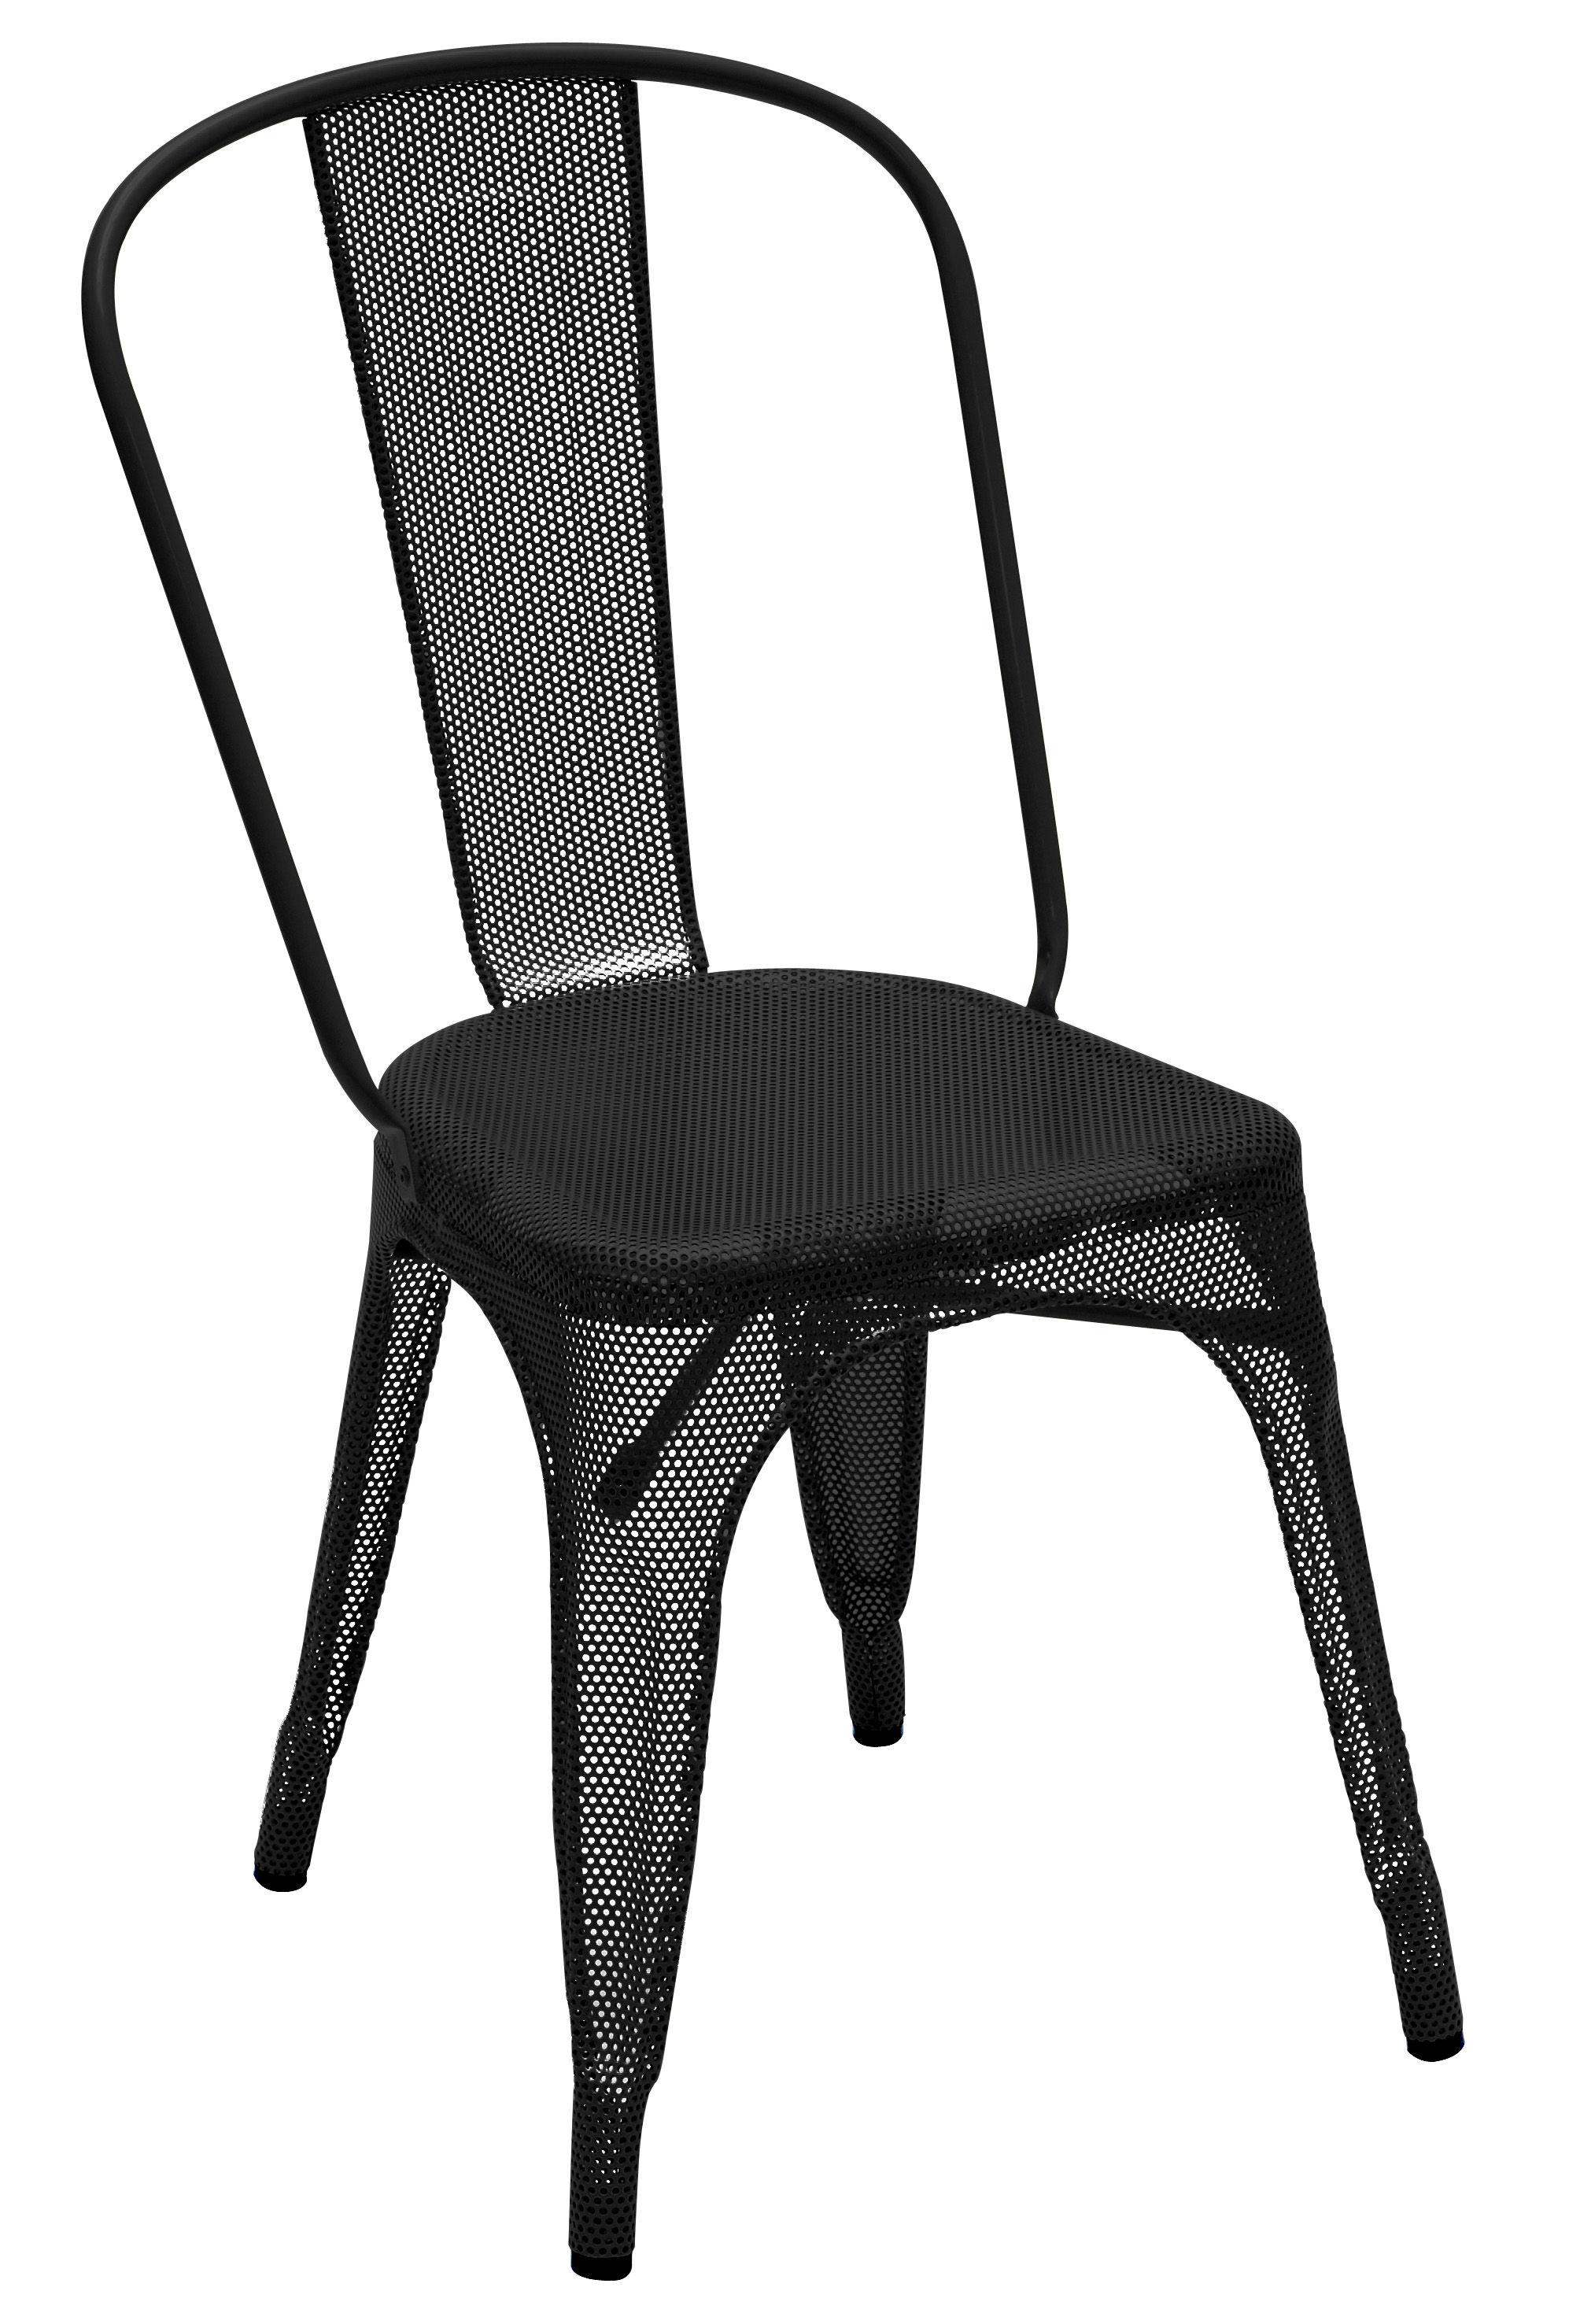 Mobilier - Chaises, fauteuils de salle à manger - Chaise empilable A perforée / Acier inox - Intérieur/extérieur - Tolix - Noir (brillant) - Acier inoxydable laqué époxy